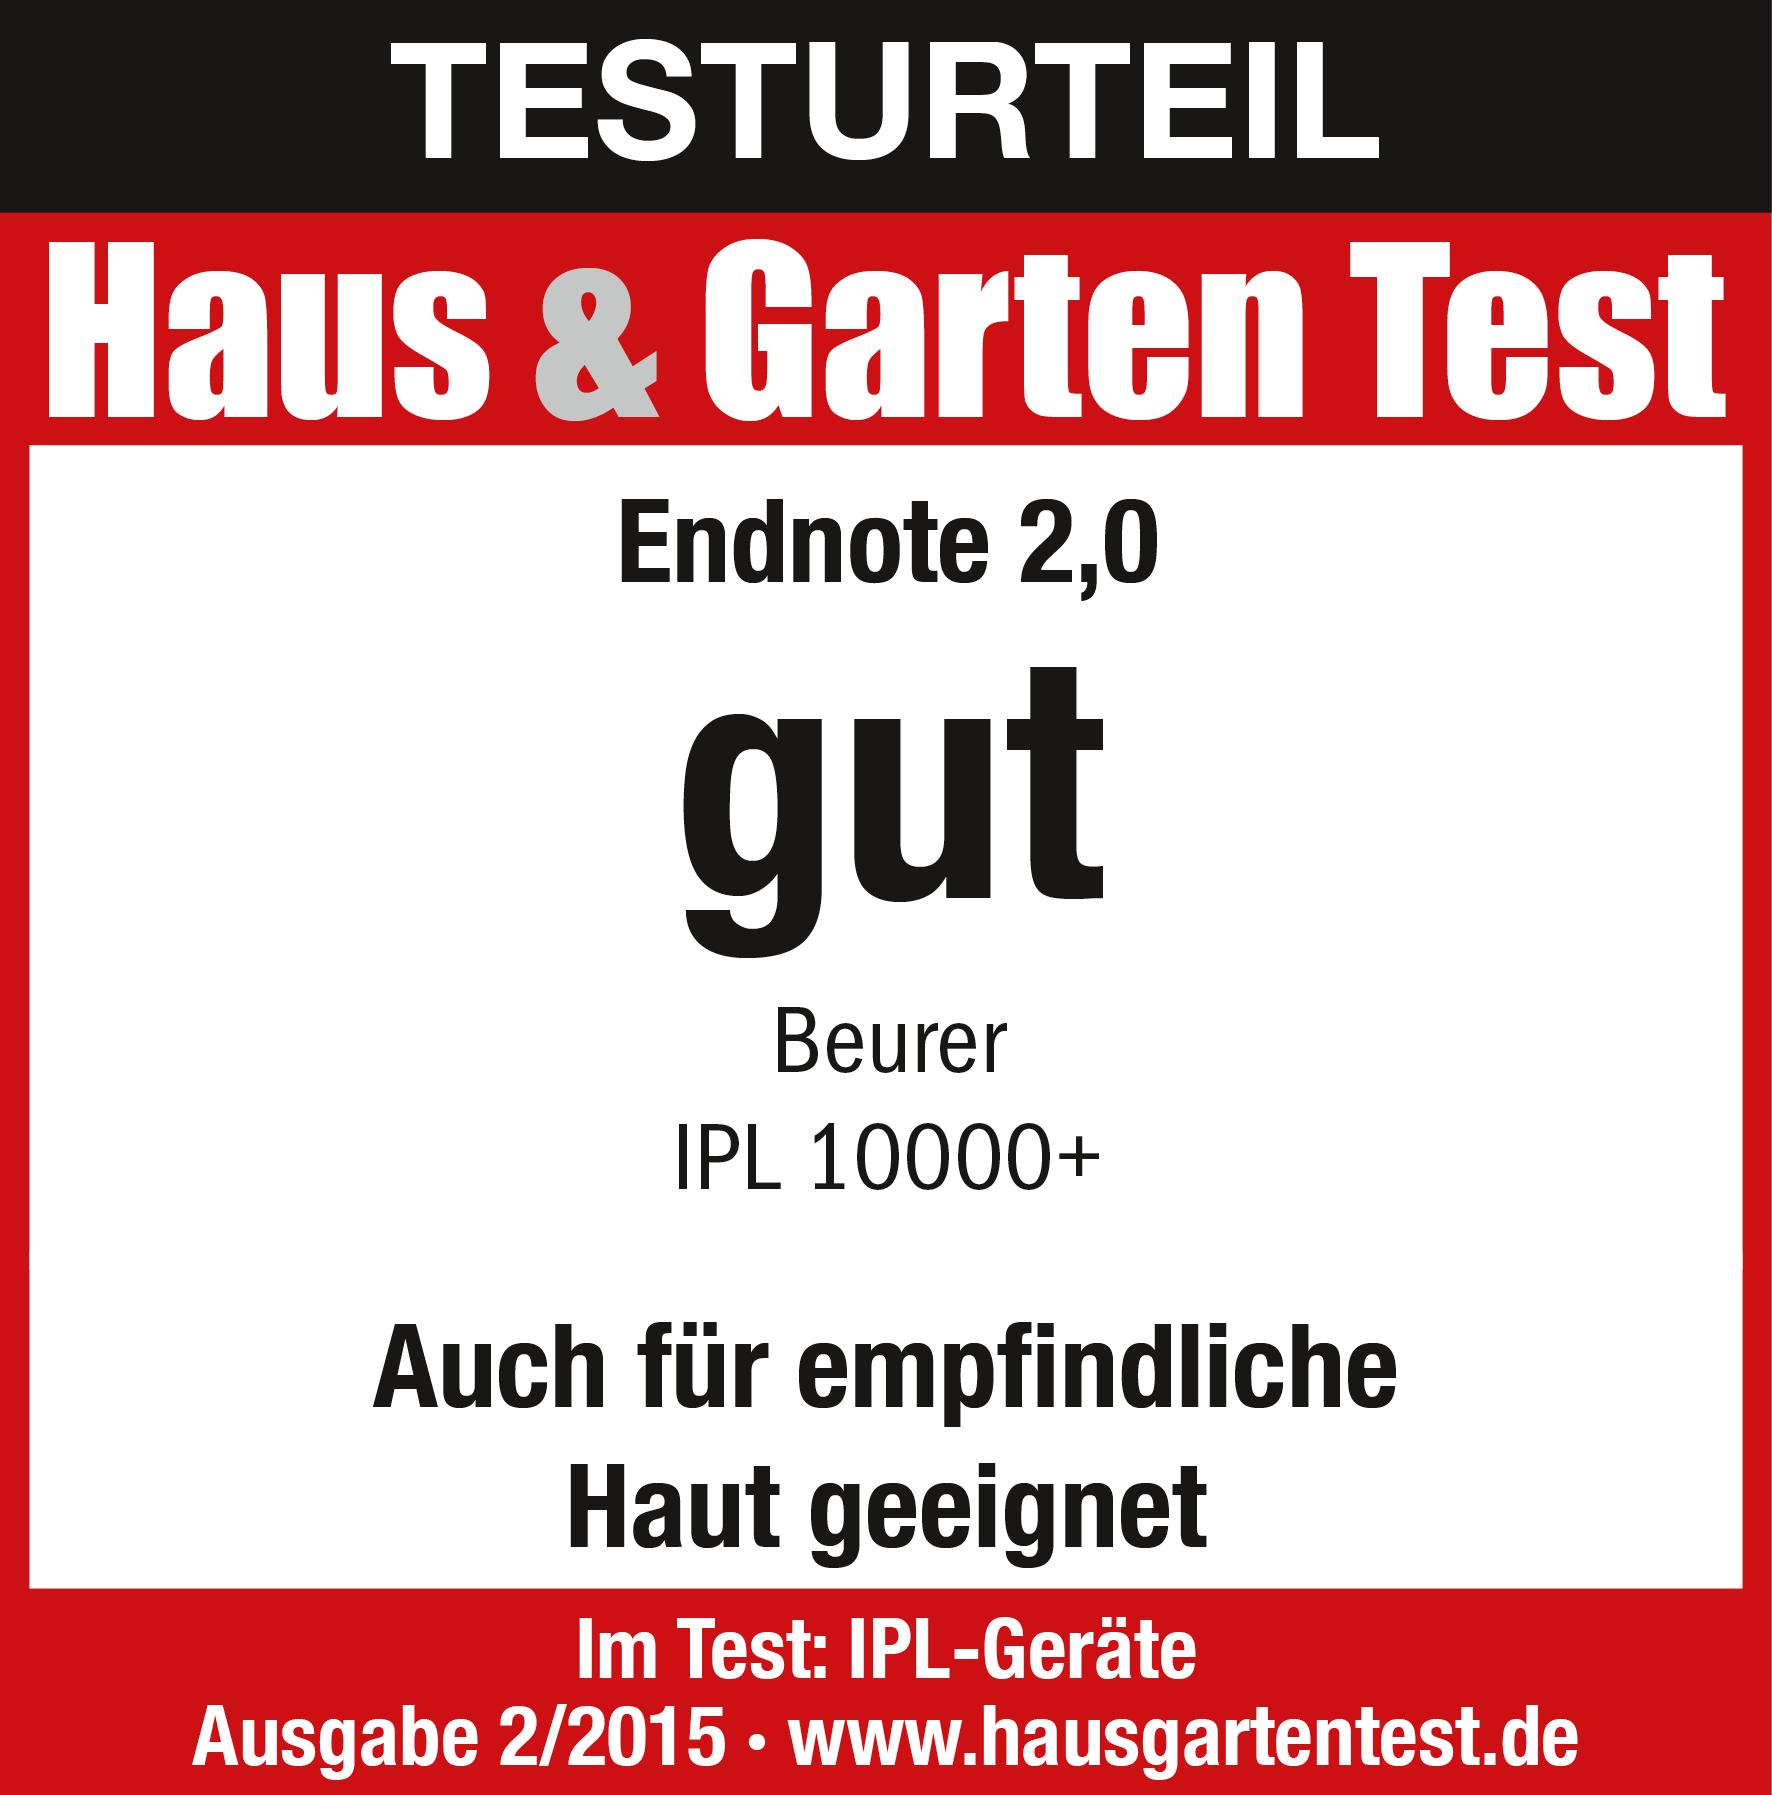 Результат тестирования: (2,0) эпилятор IPL 10000+ получил оценку «Хорошо» в феврале 2015 г.